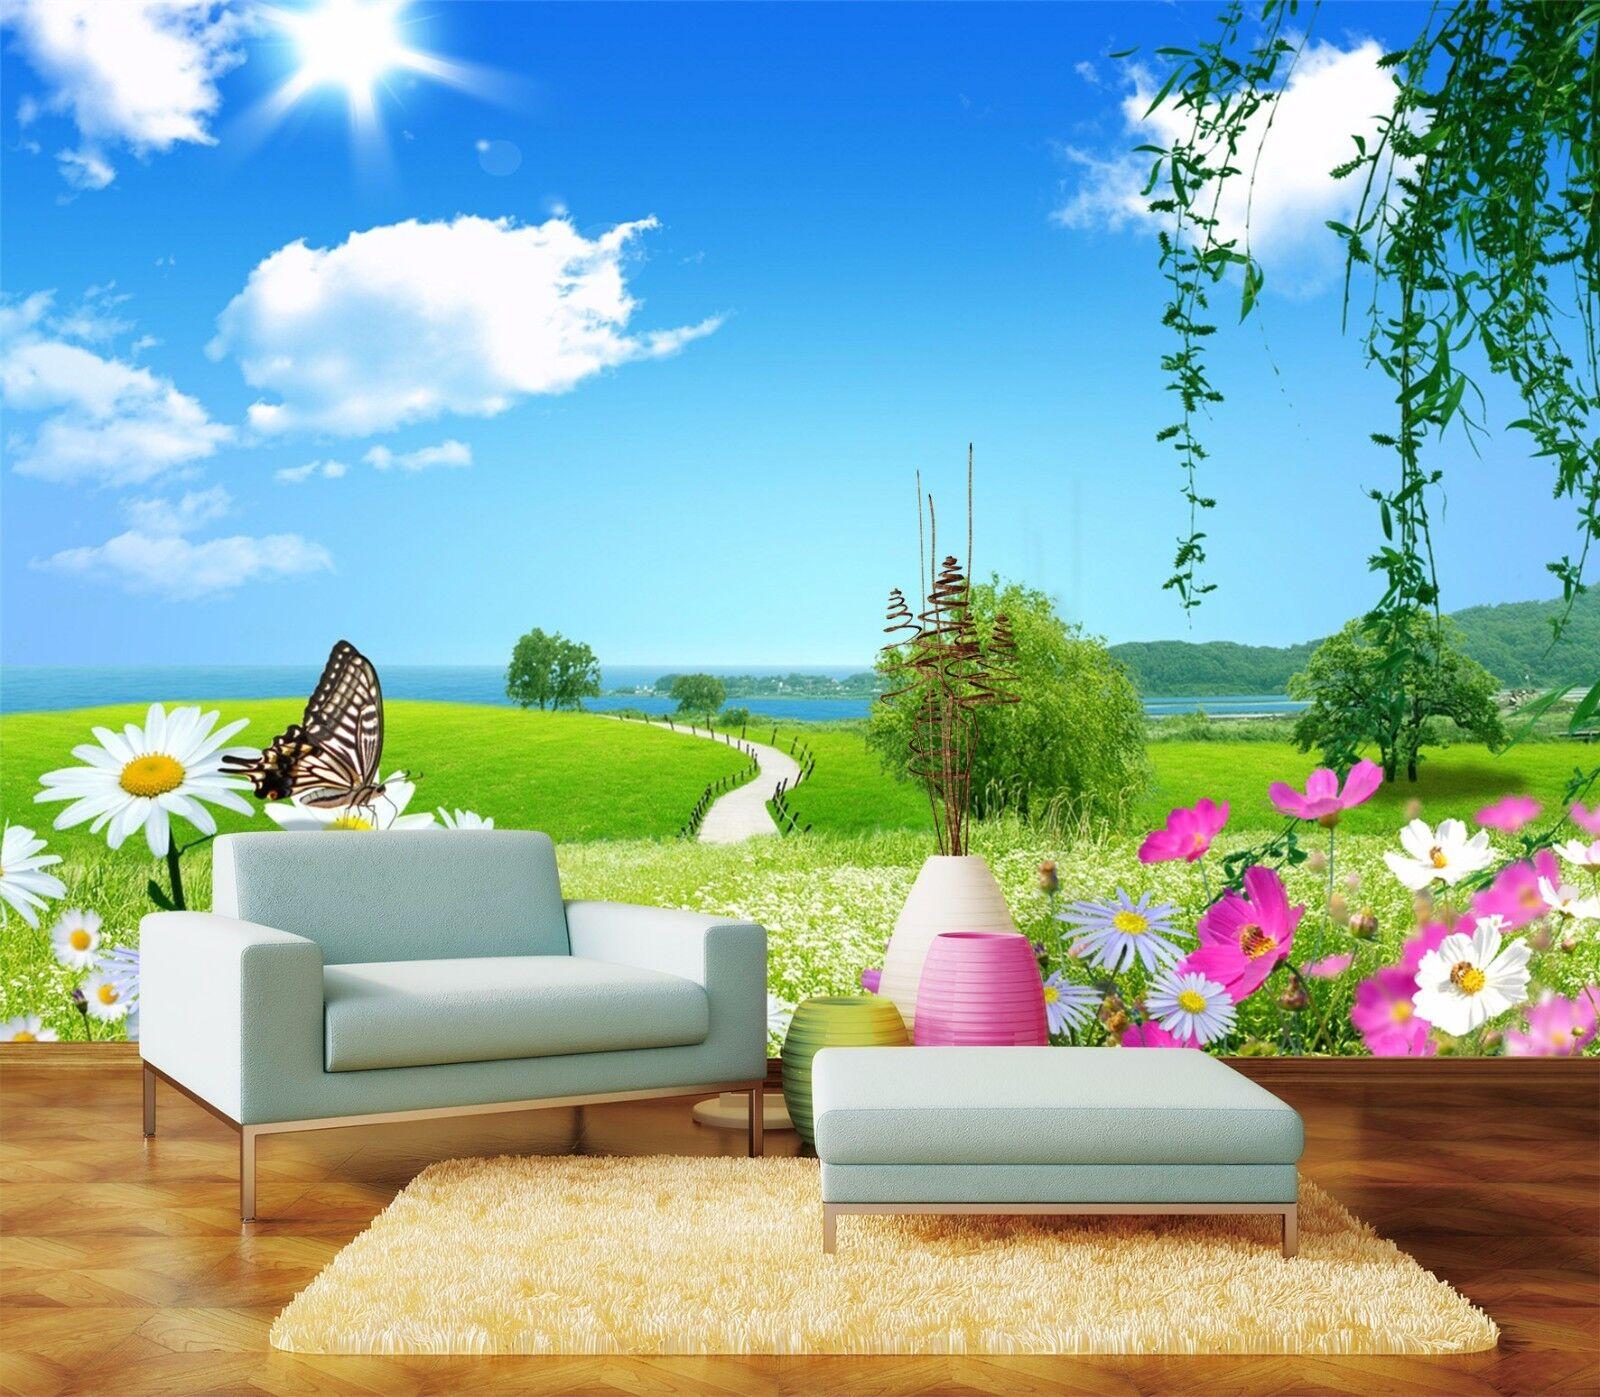 3D Grassland Scenery 3223 Wallpaper Decal Dercor Home Kids Nursery Mural Home